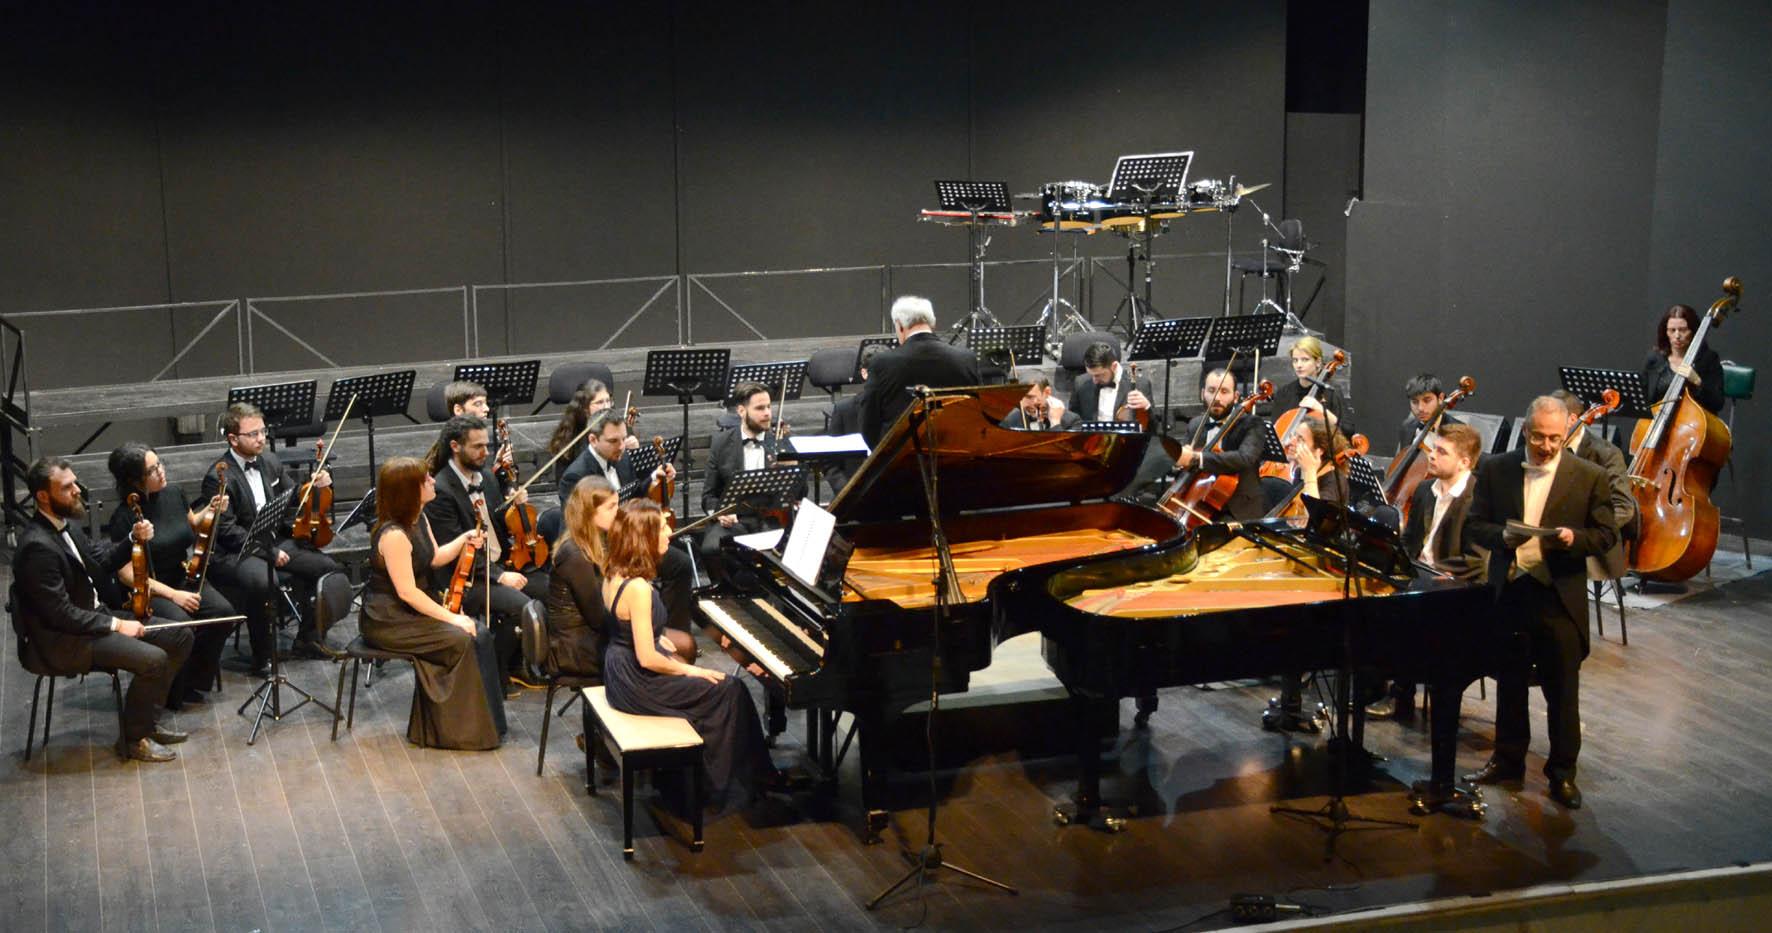 συναυλια κωνσταντινιδης κτιστακης (1)